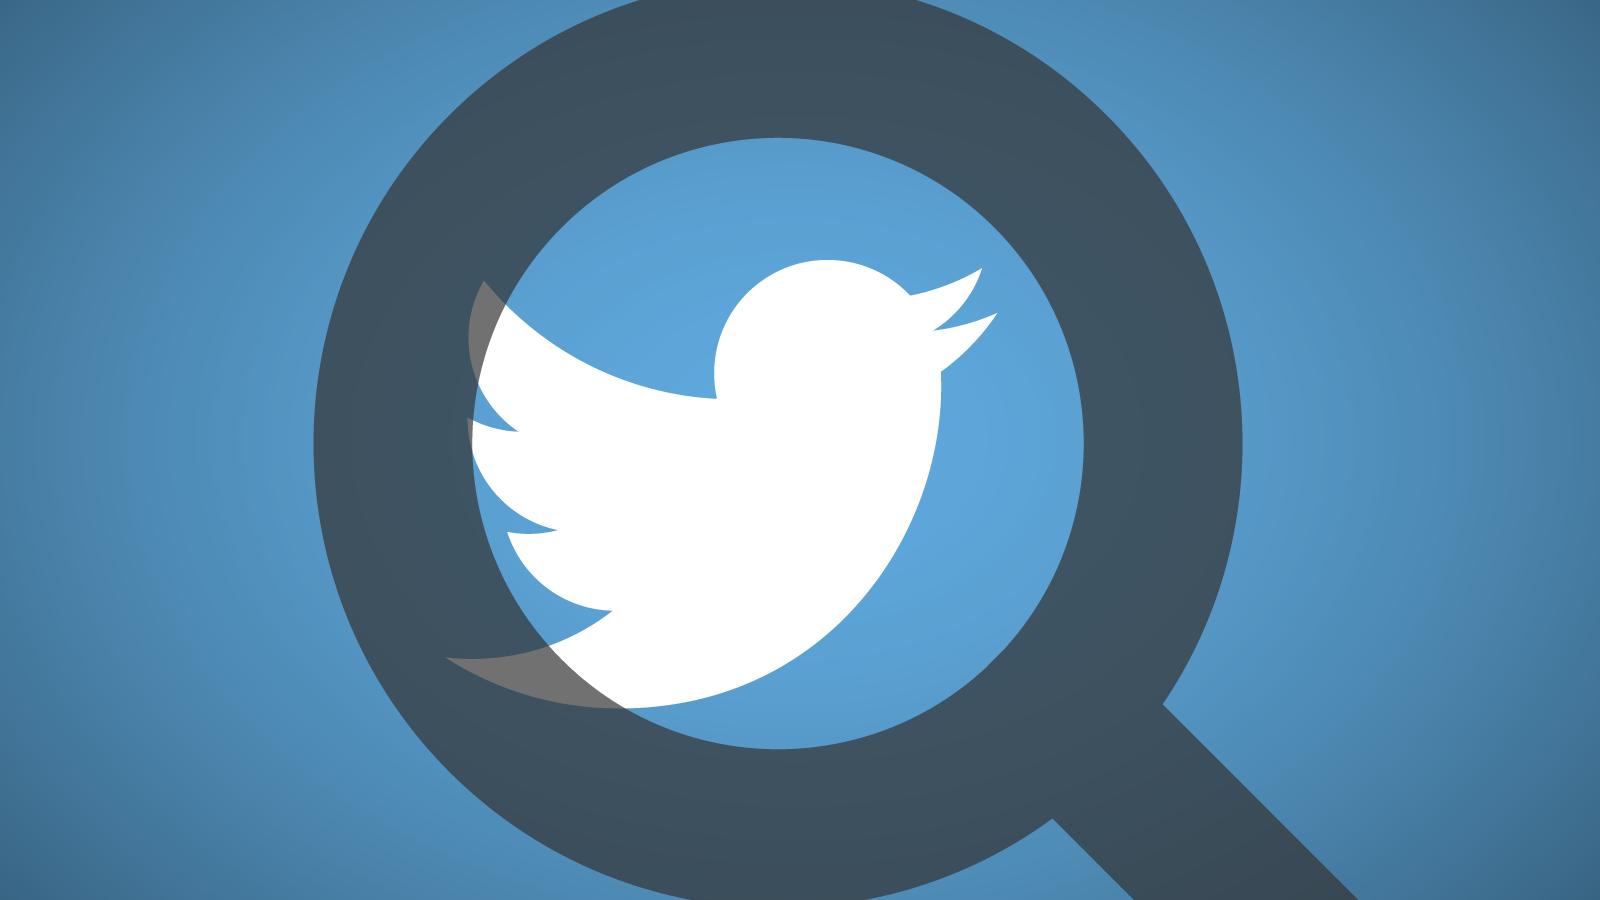 Twitter axtarış sisteminin bilmədiyiniz funksiyaları